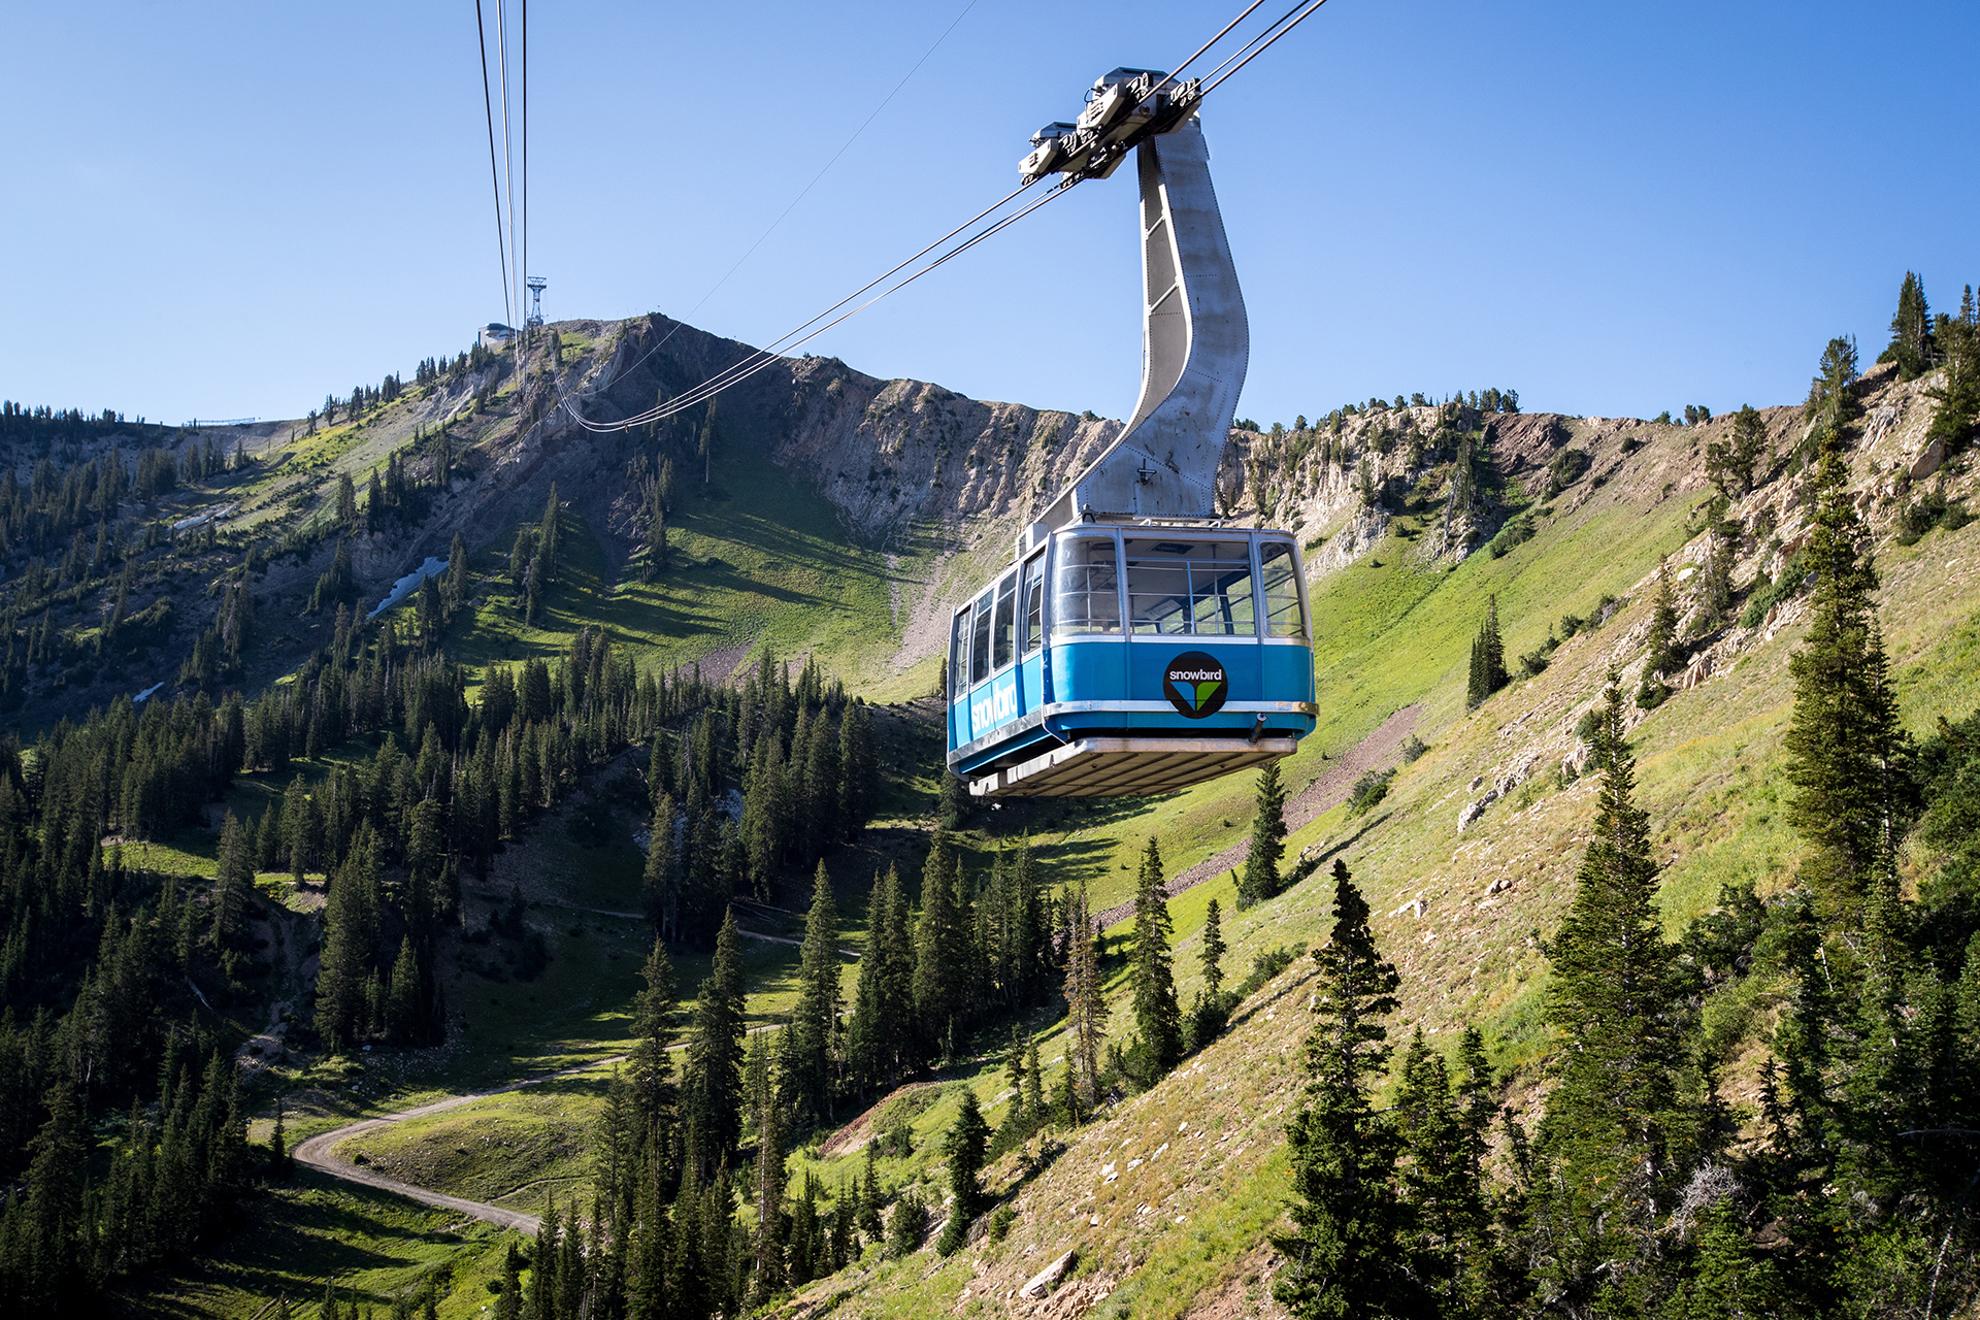 Summer Tram Ride at Snowbird